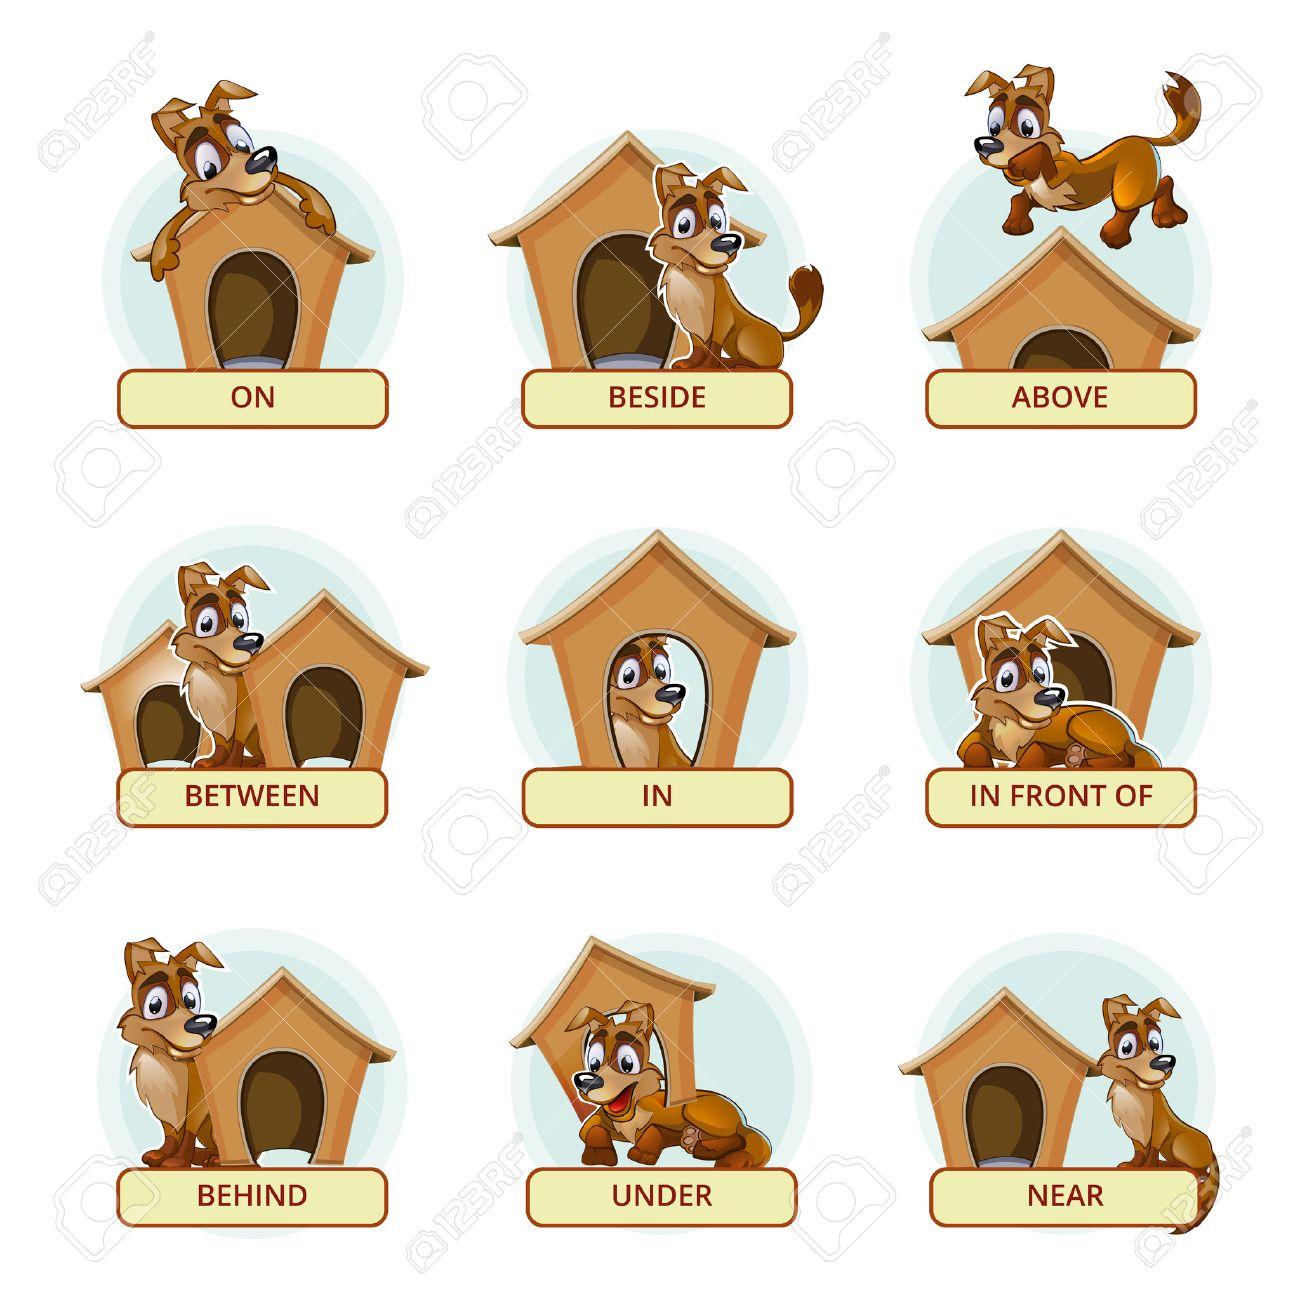 場所の前置詞を説明するために異なるポーズで漫画の犬。就学前の子供の